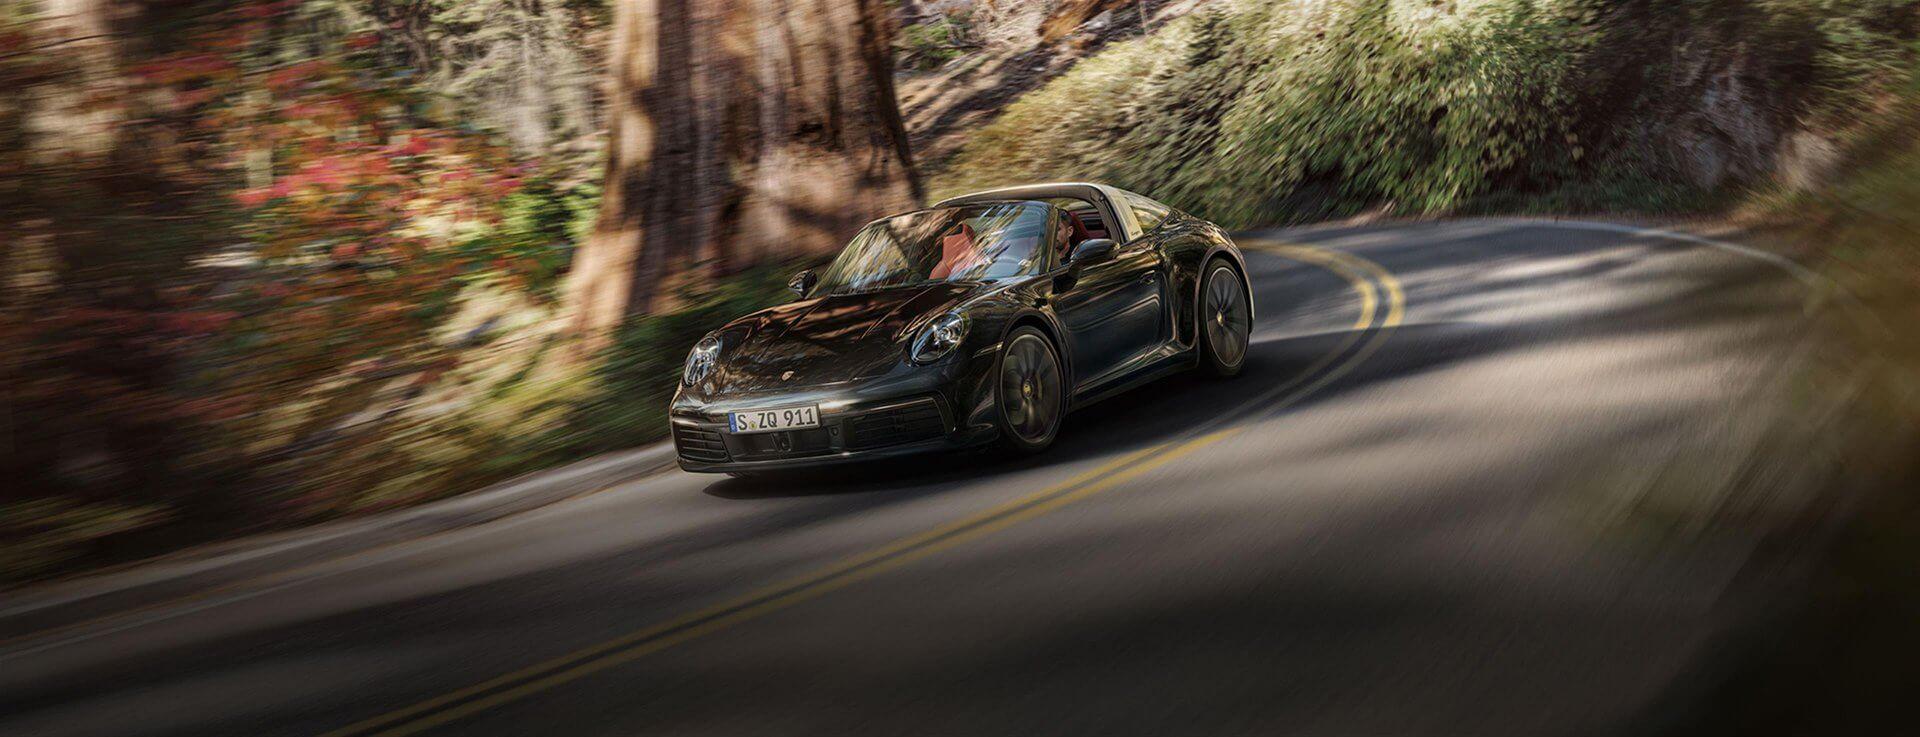 Porsche - Zamanın Ötesinde Bir Makine